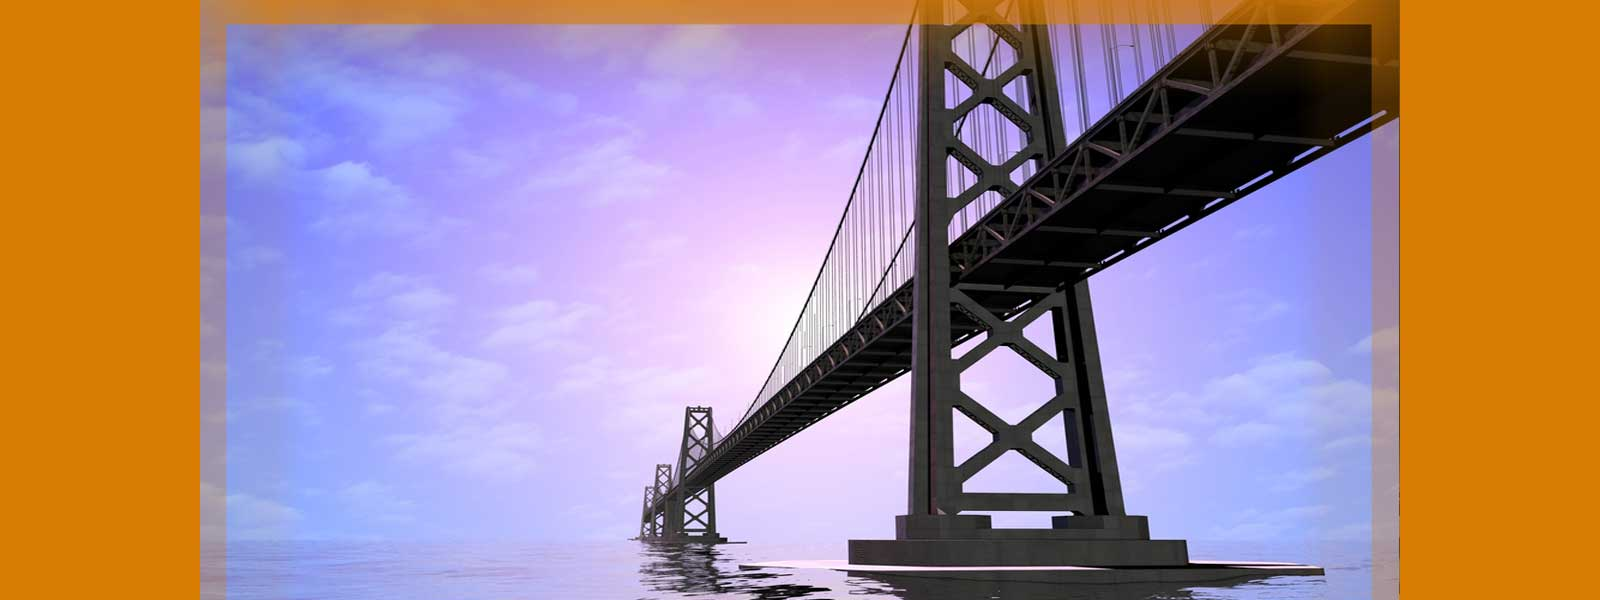 Trazamos un puente hacia la excelencia guiando a las personas para alcanzar sus metas.